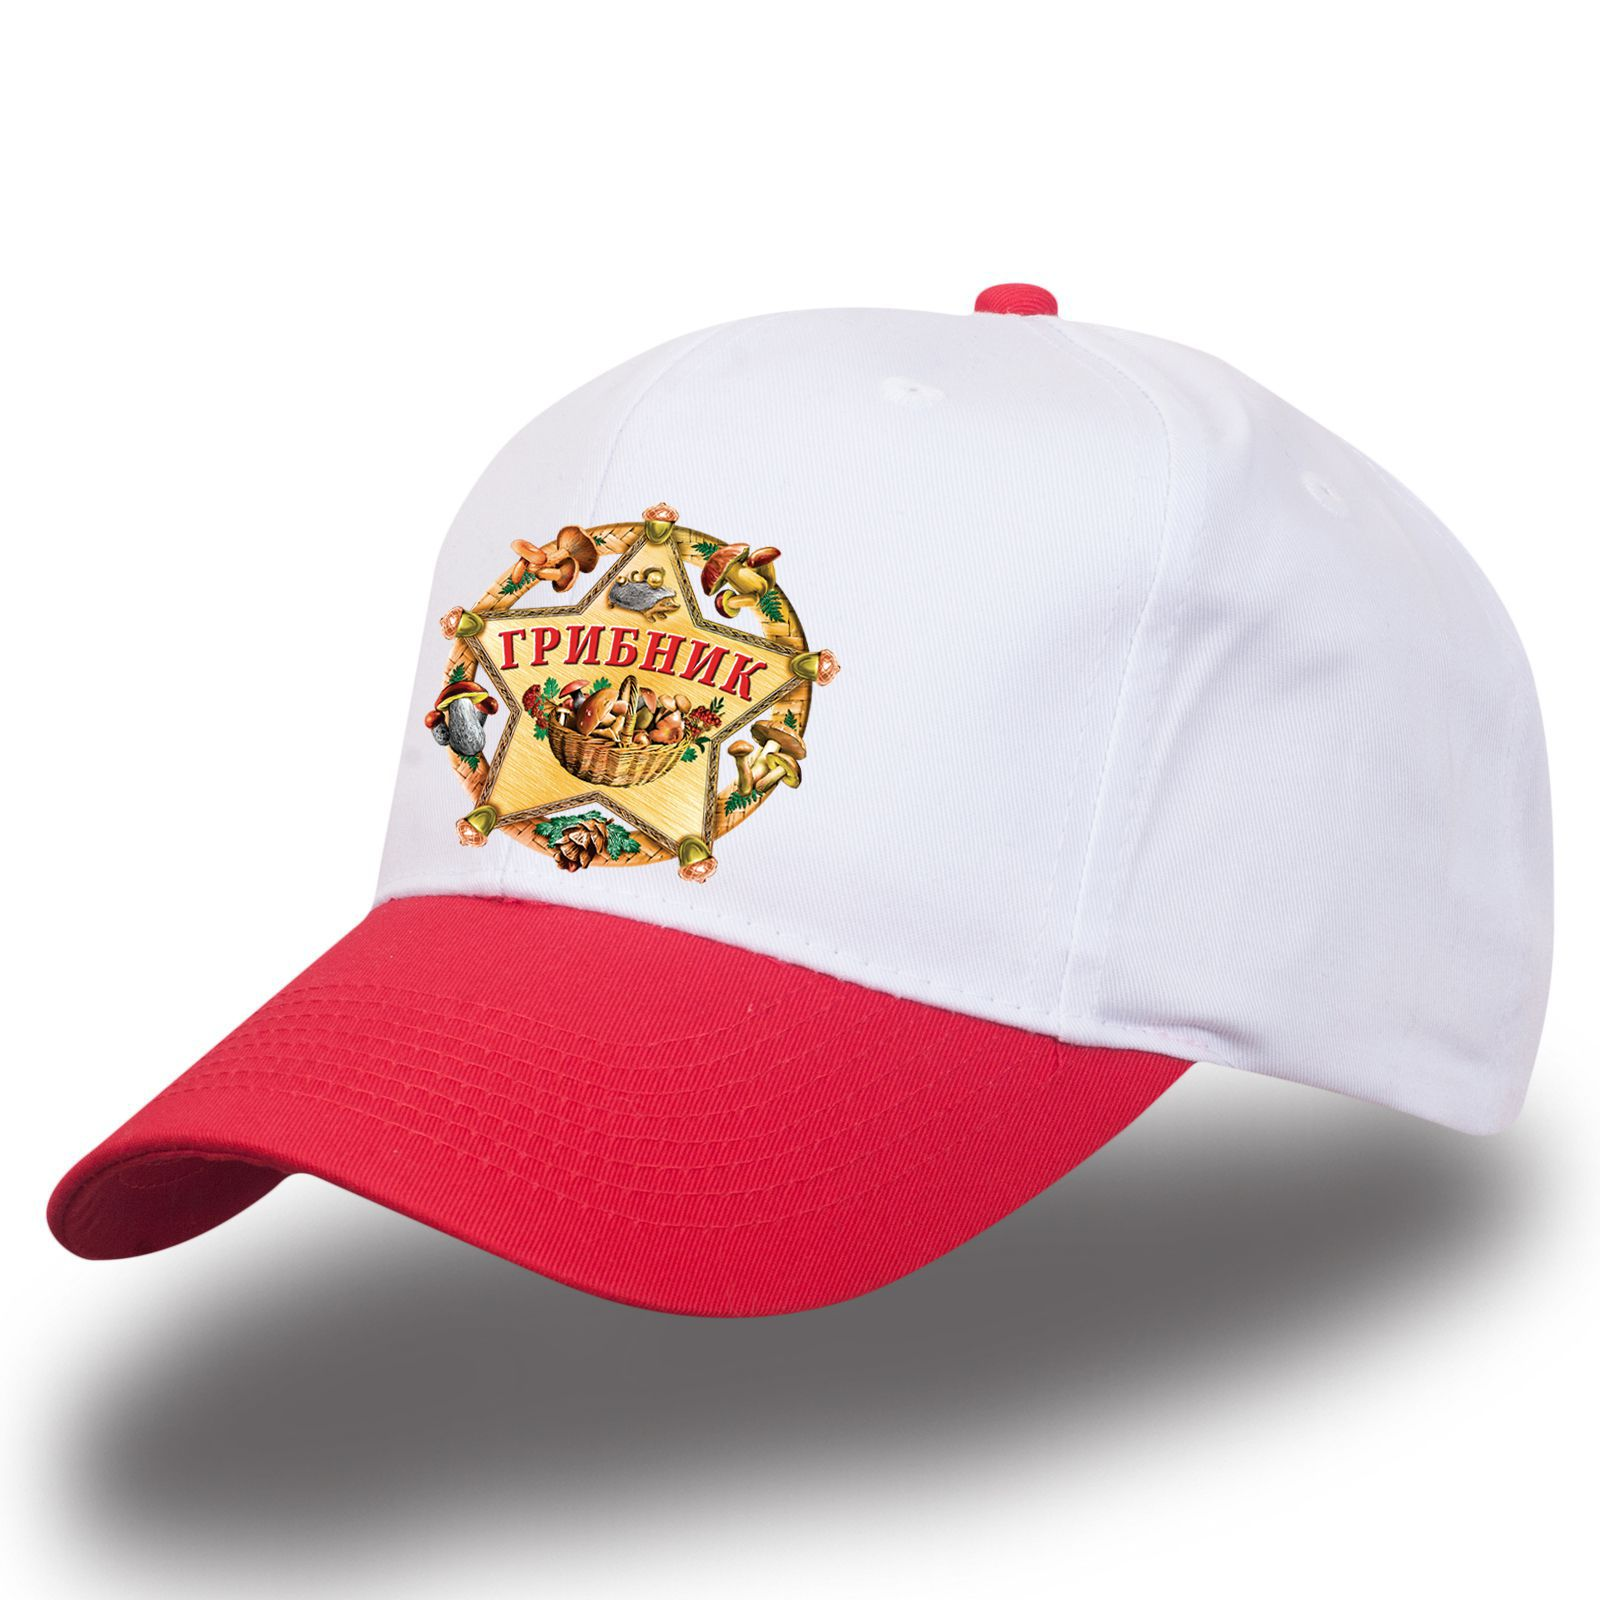 Бейсболка для сбора грибов - купить недорого с доставкой